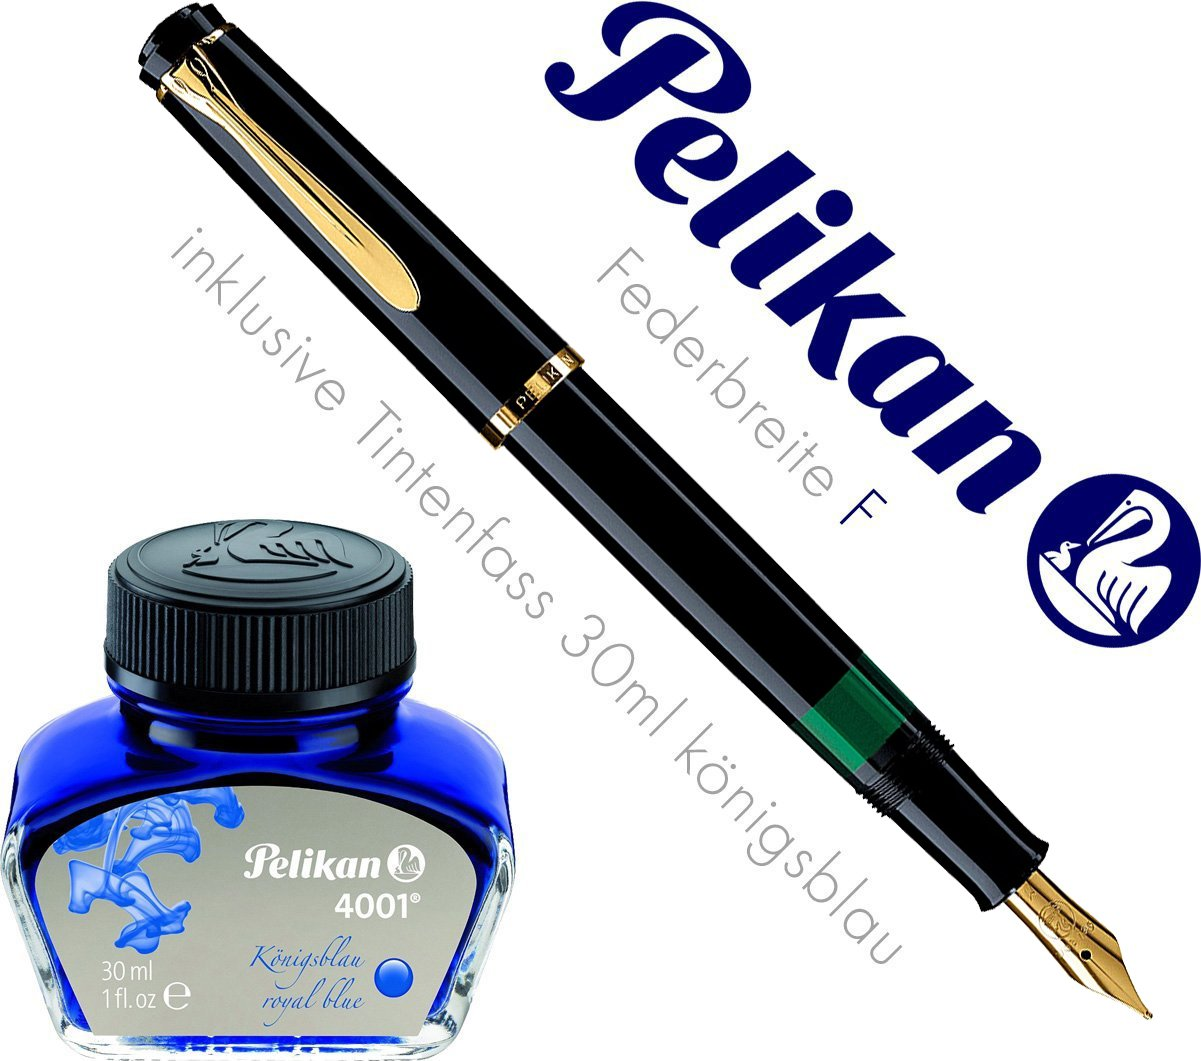 Pelikan 983072 Kolbenfüllhalter Classic M 200 vergoldete Edelstahlfeder Federbreite B, 1 Stück, schwarz 1 Stück SC-MS-983072